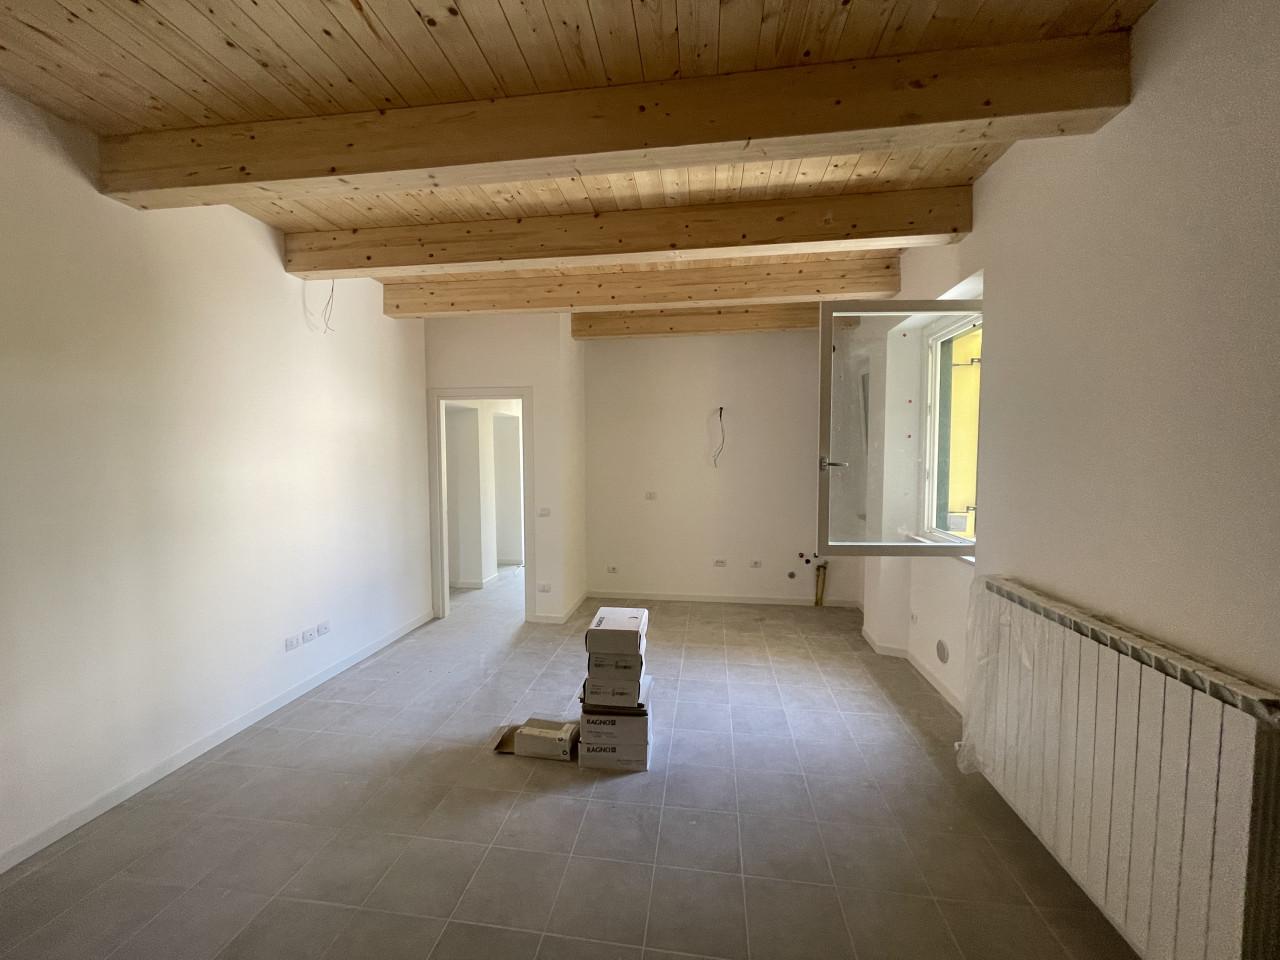 Appartamento completamente ristrutturato in zona semicentrale